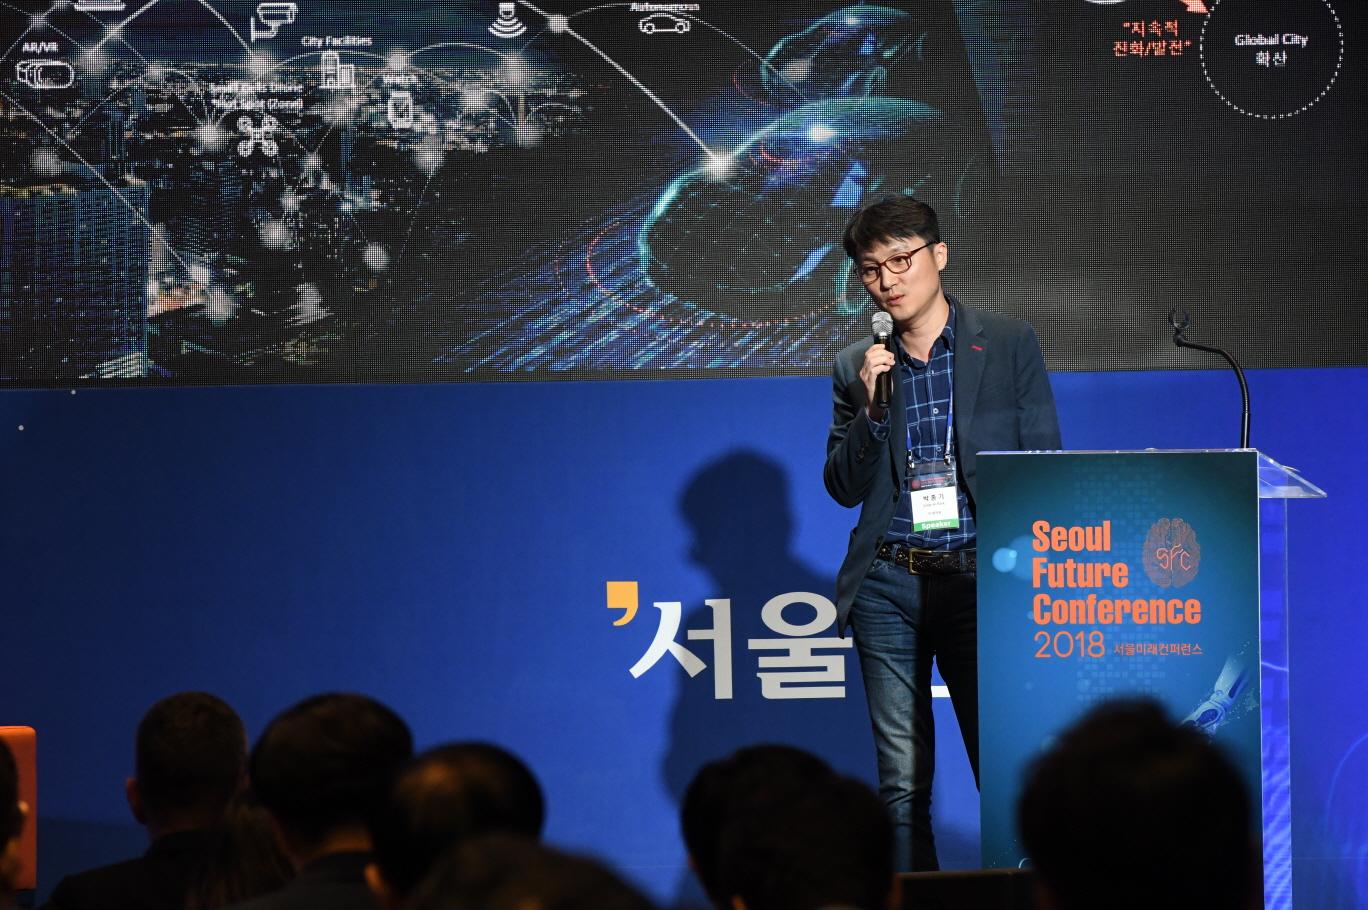 2018 서울미래컨퍼런스 Session II - 박종기 SK텔레콤 스마트시티유닛 부장